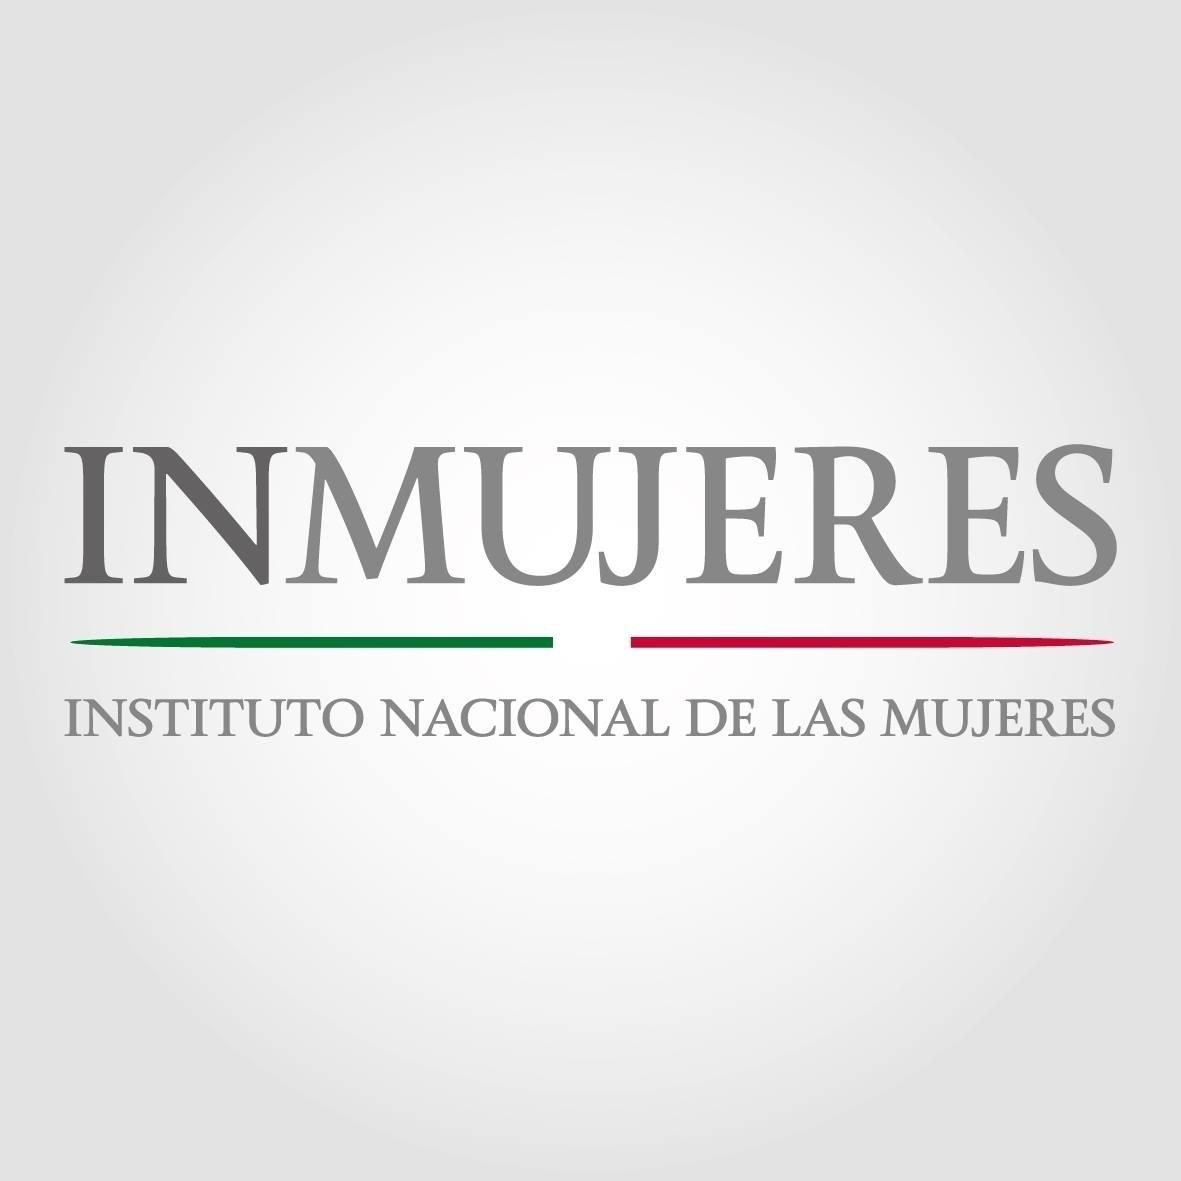 Instituto nacional de las mujeres mexico wikipedia la for Origen de las oficinas